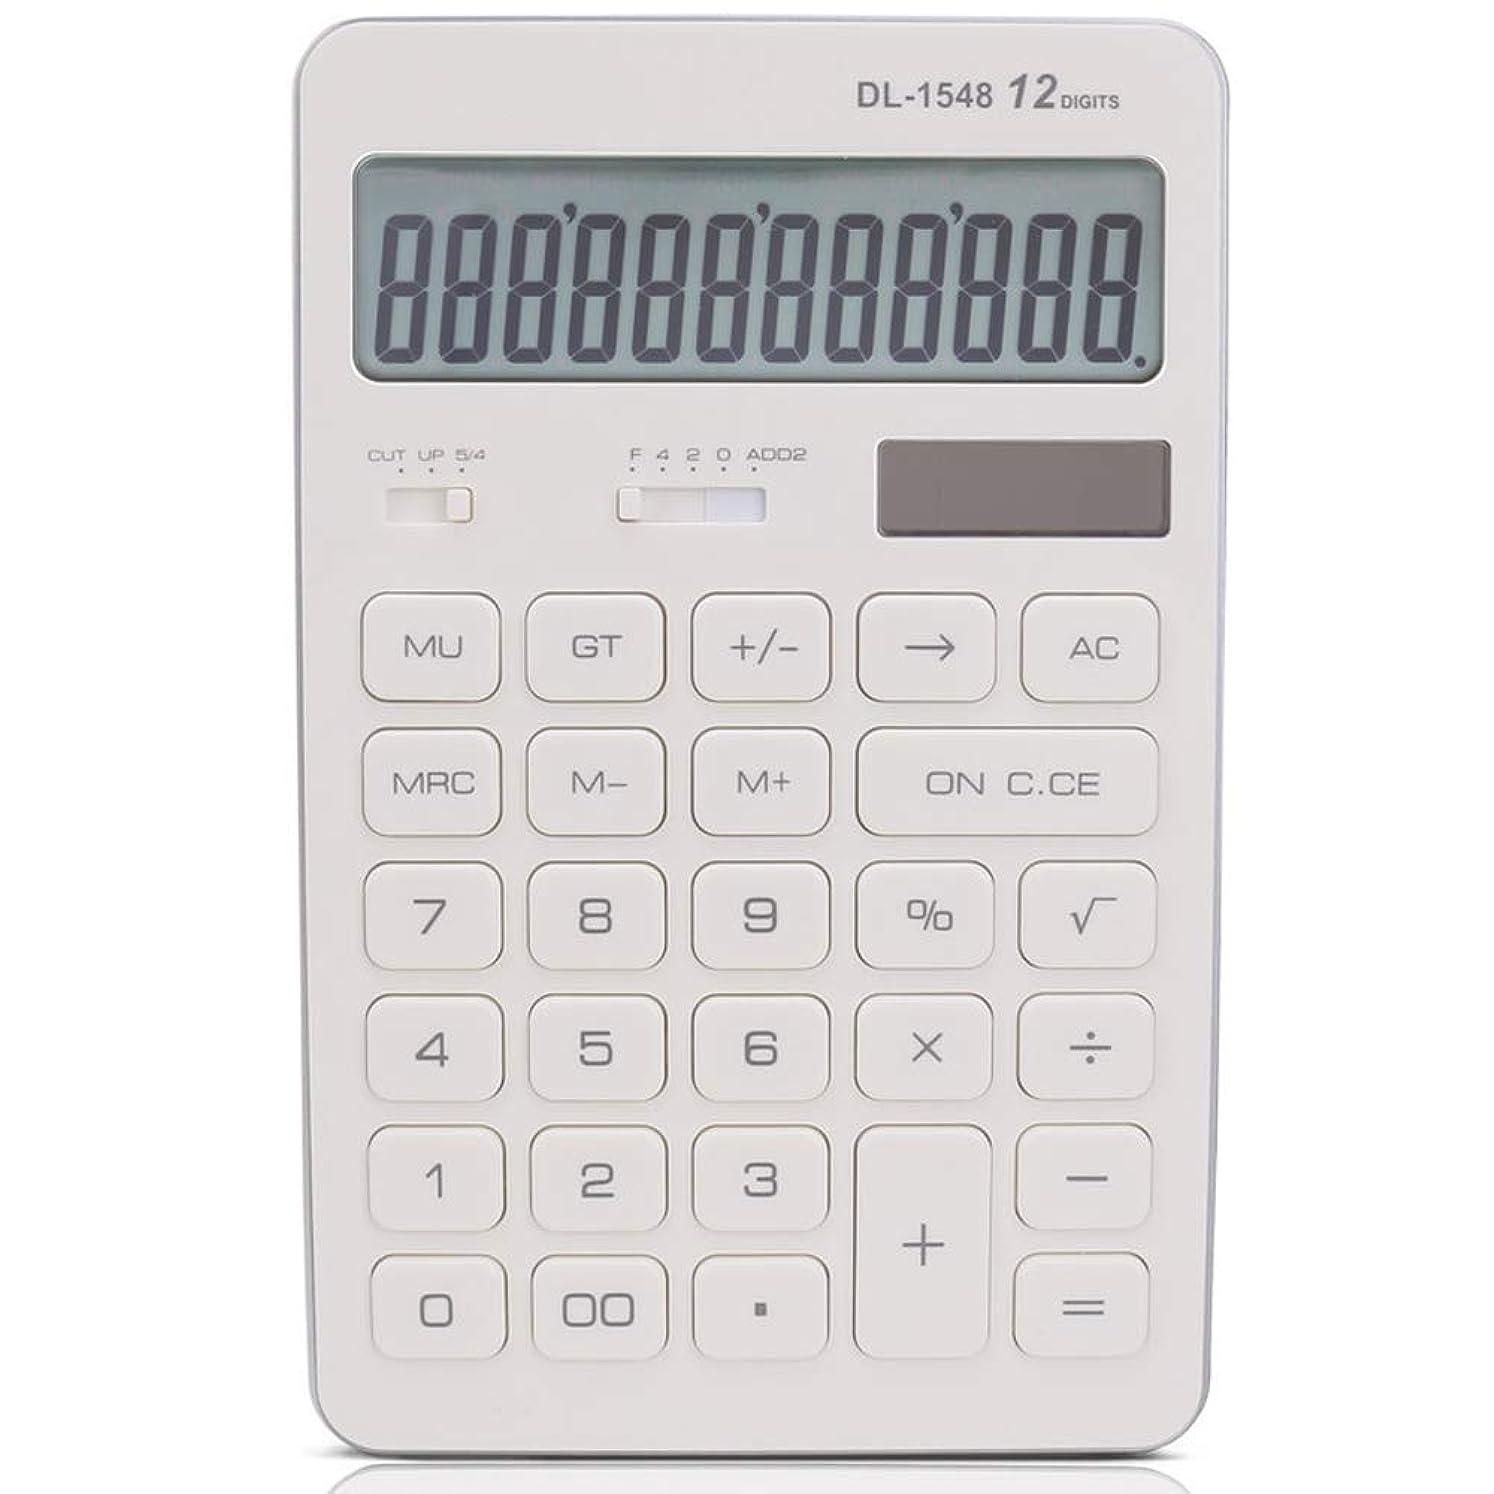 広まった裁定大学デスク電卓 太陽の電卓のビジネスオフィスかわいい電卓 学校ホームオフィス用 (色 : 白)